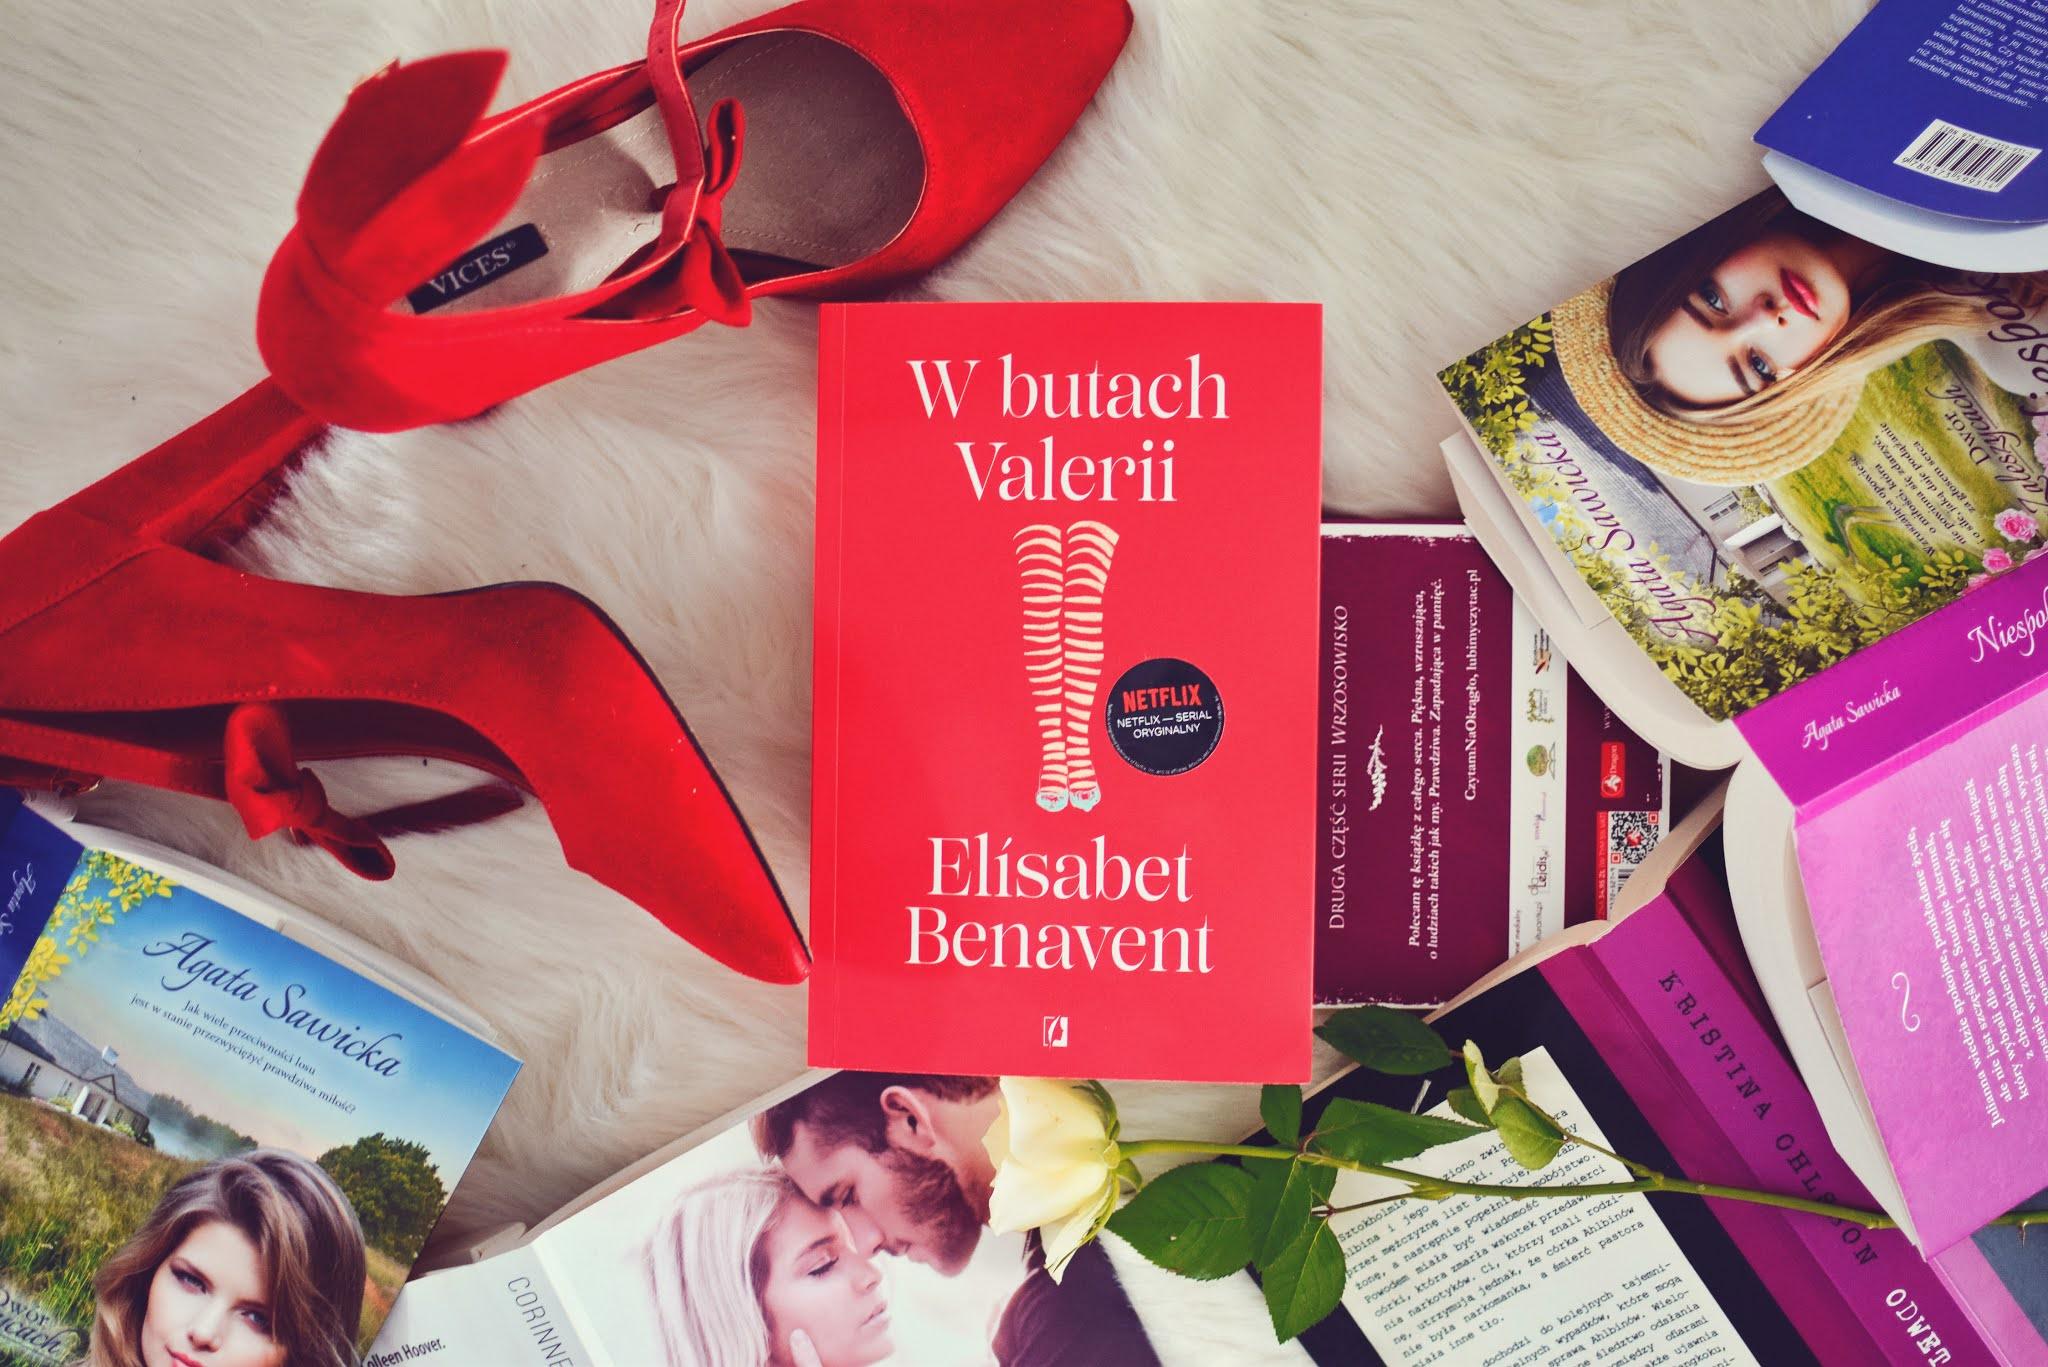 ElisabetBenavent, WButachValerii, romans, WydawnictwoKobiece, serial, Netflix, Hiszpania, Madryt, przyjaciółki,przyjaźń,sexi,miłość,zdrada,babskaksiążka